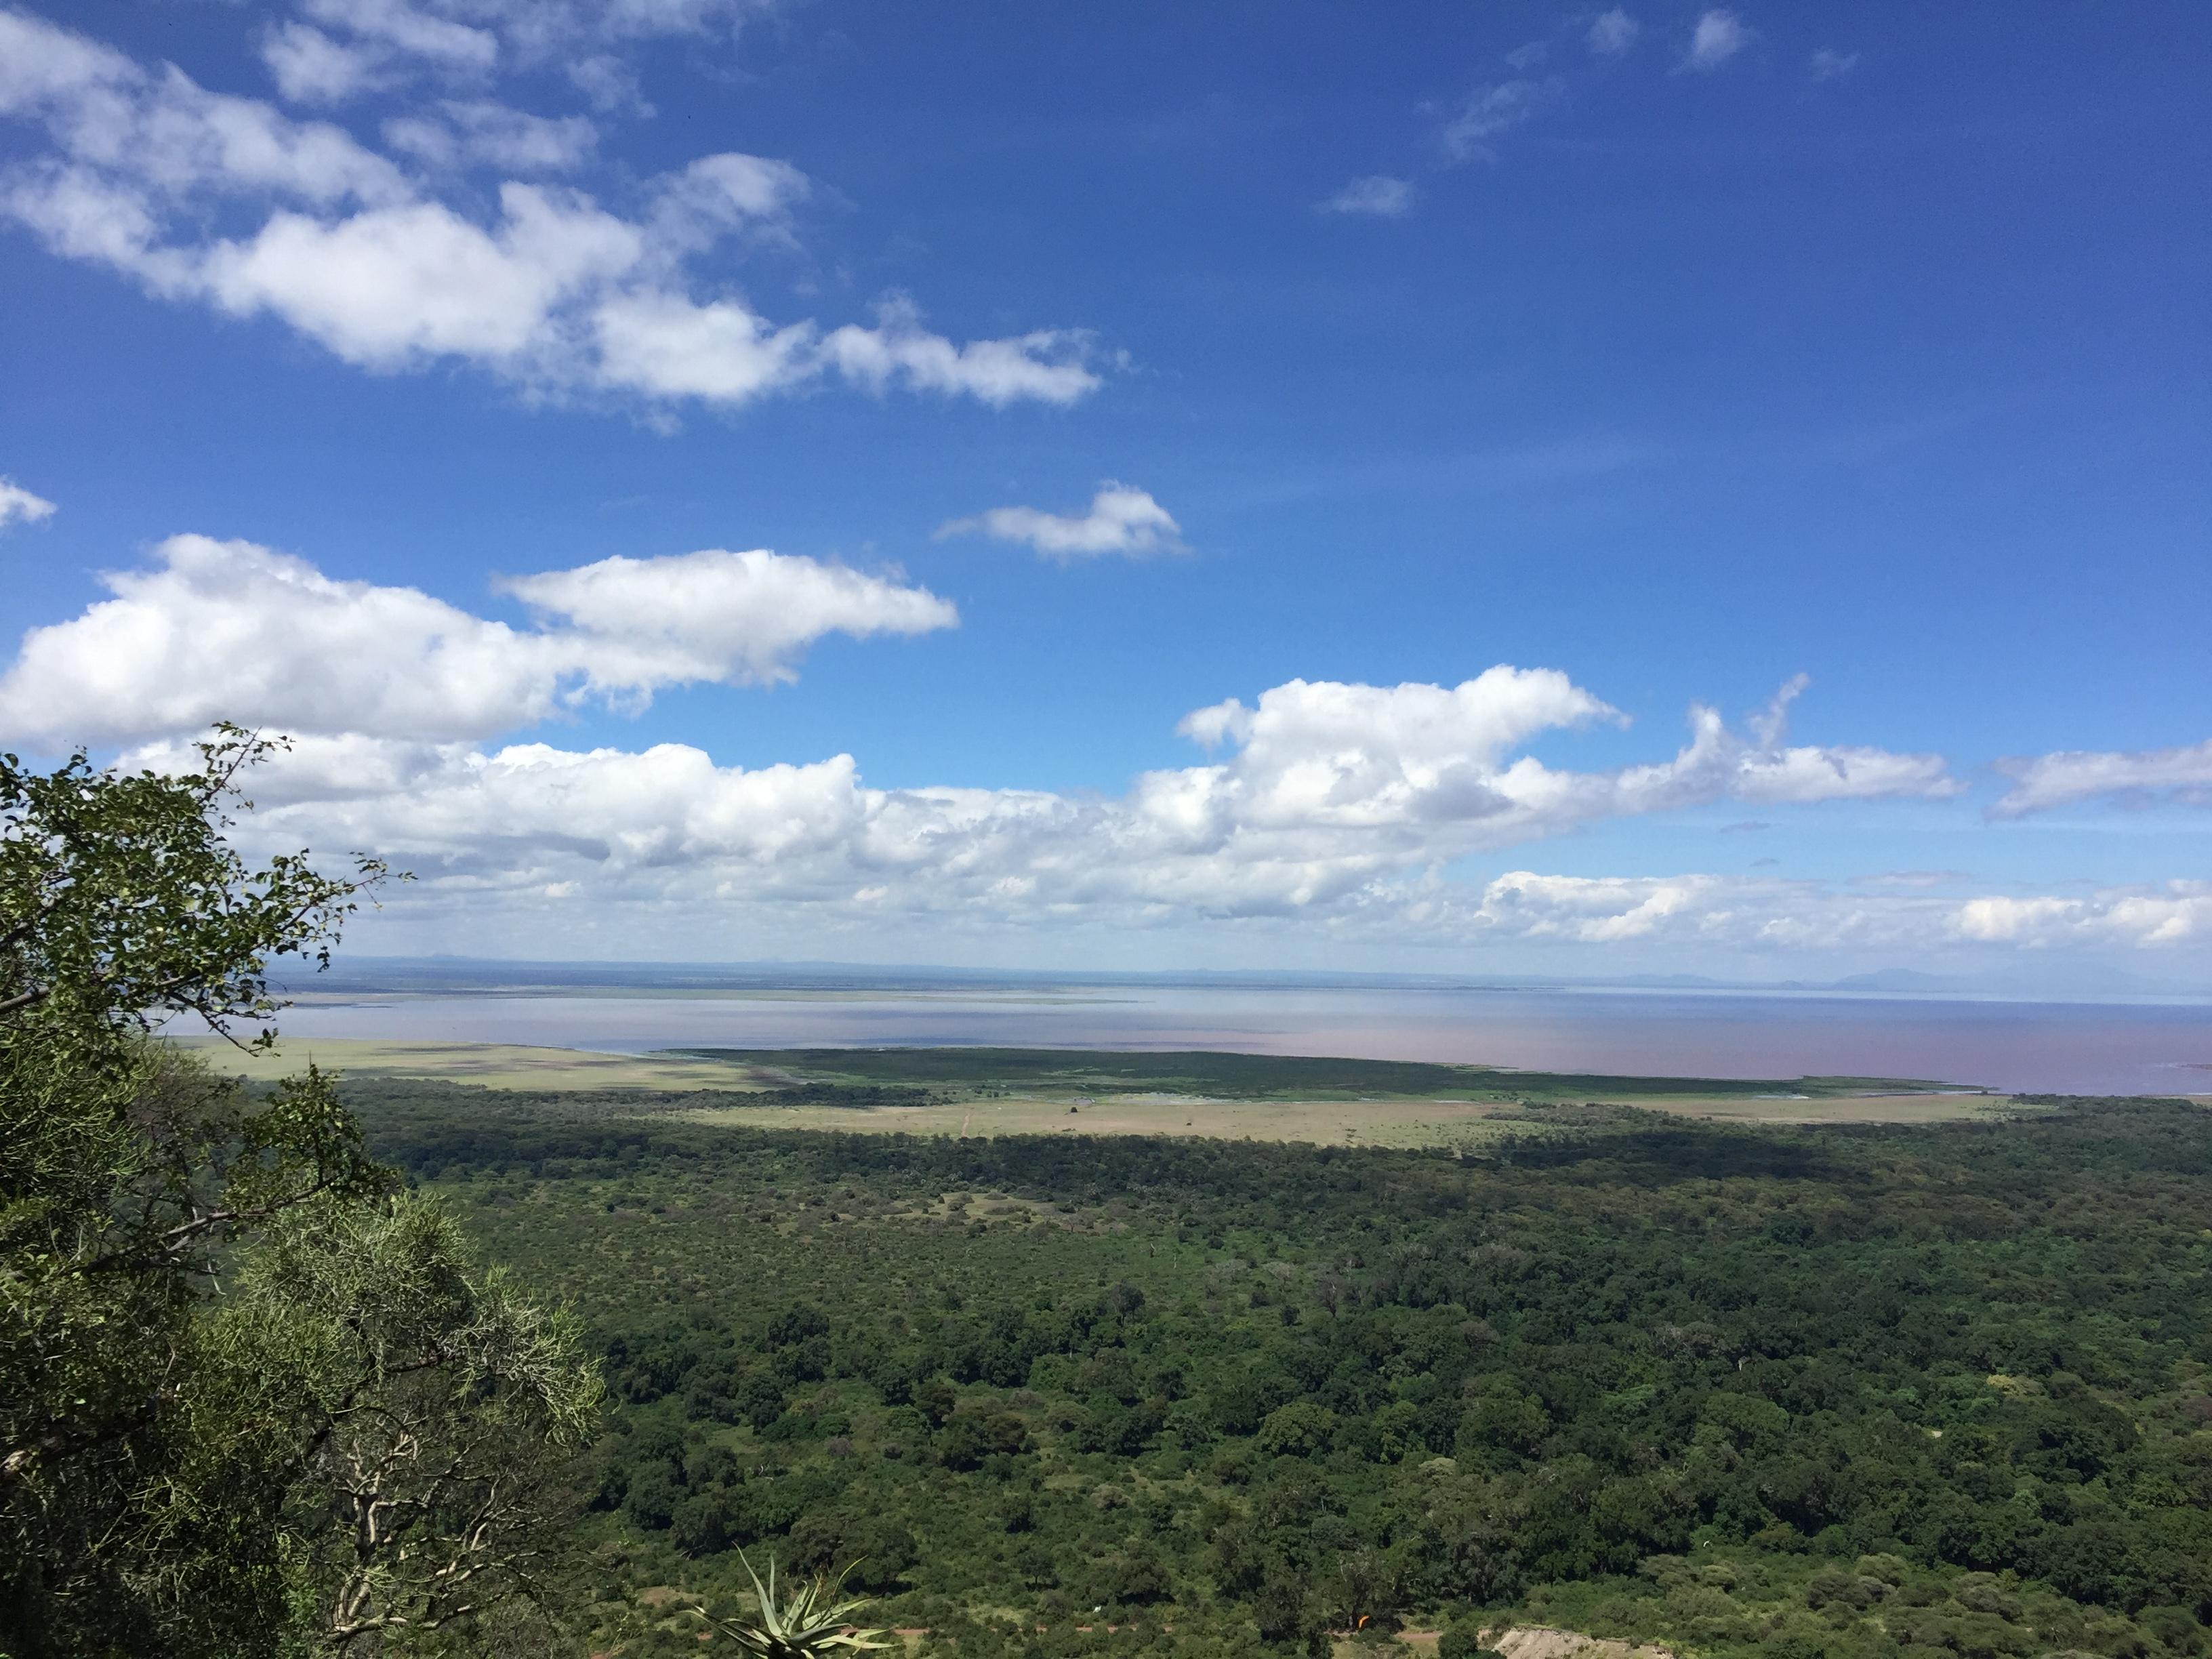 View on Lake Manyara National Park